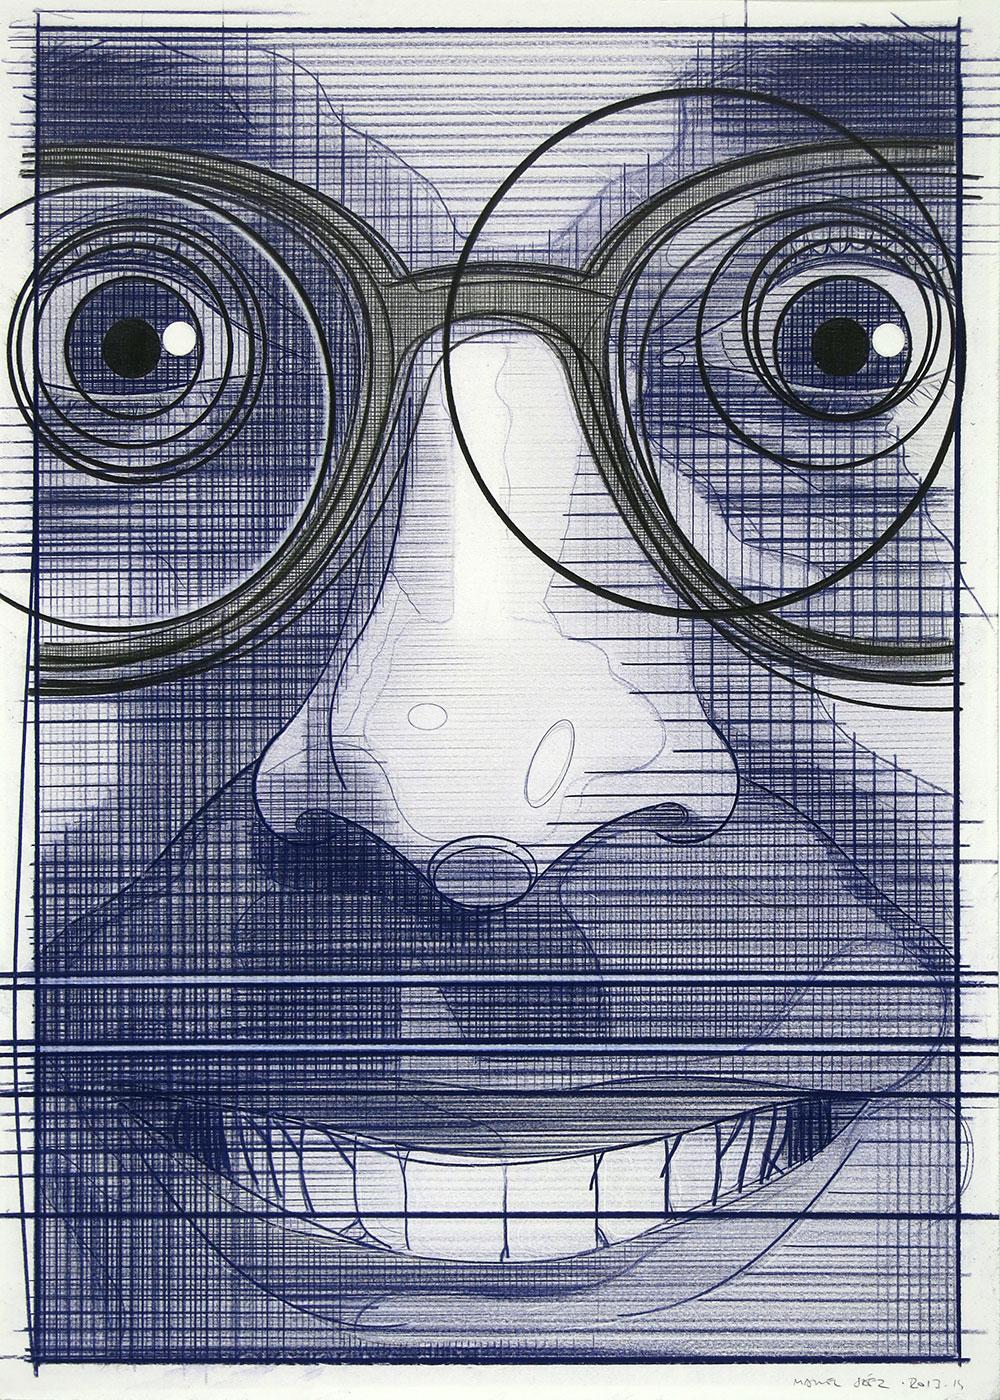 El turista del espacio 6 ,2013-2014 Lápiz de color / papel, 70 x 50 cm